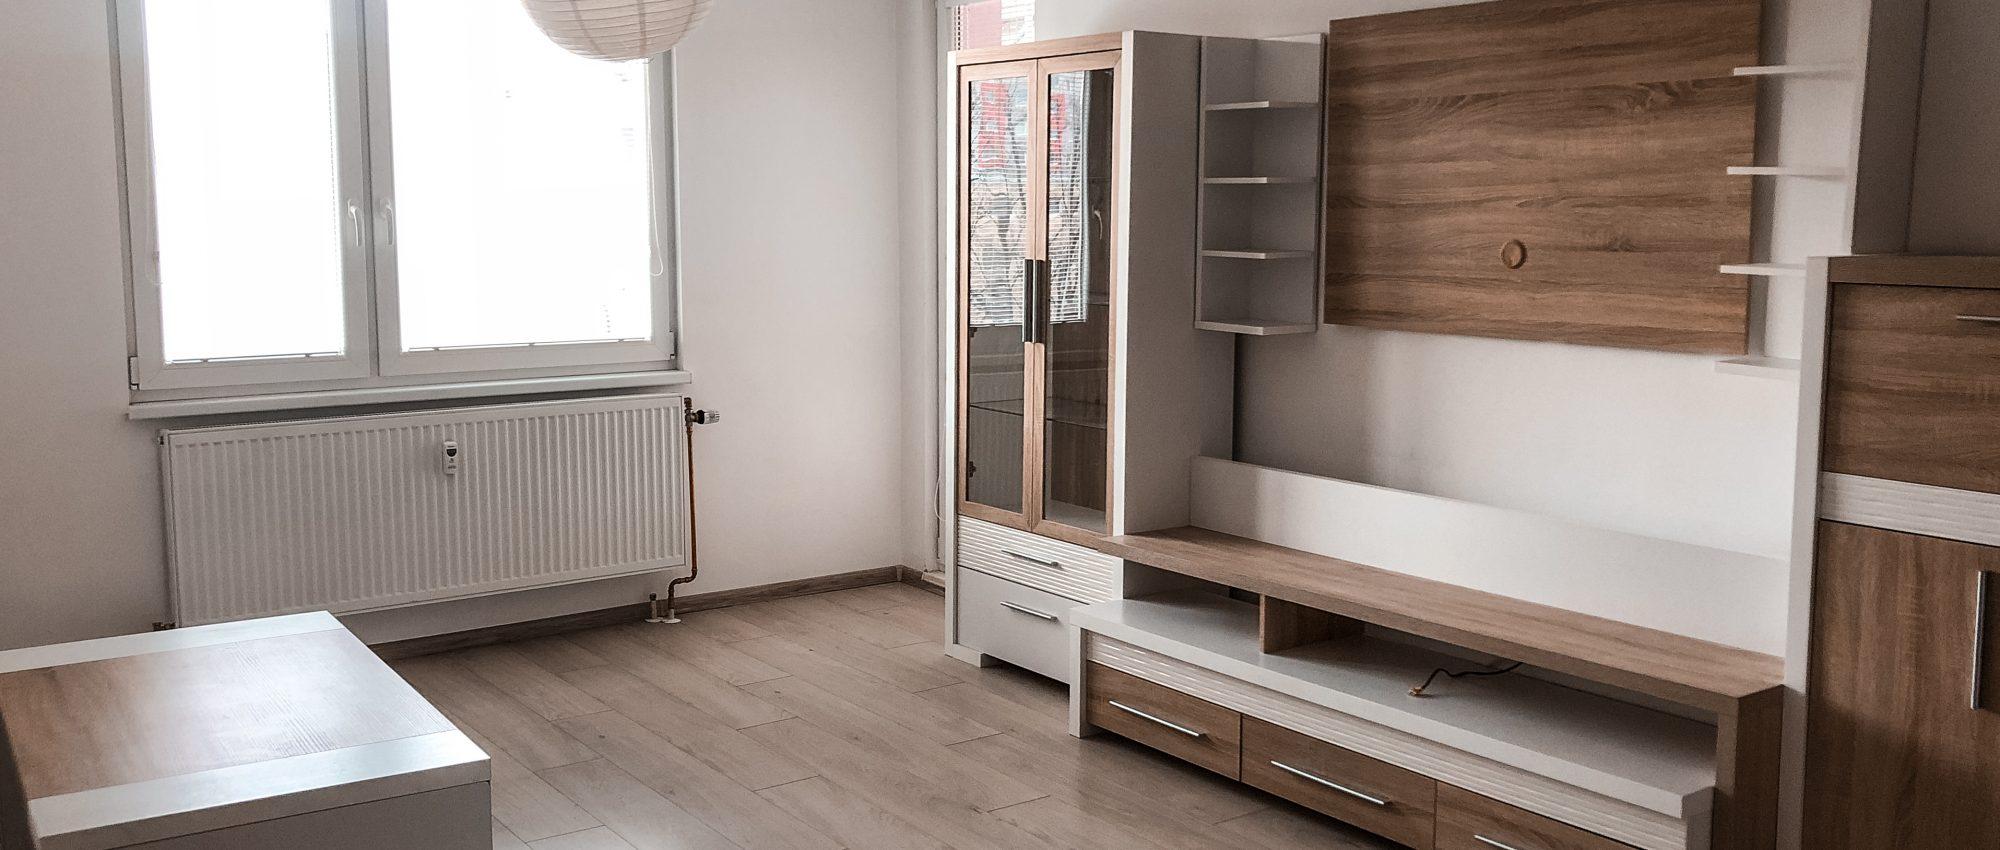 3 izbový byt po kompletnej rekonštrukcii s loggiou a komorou